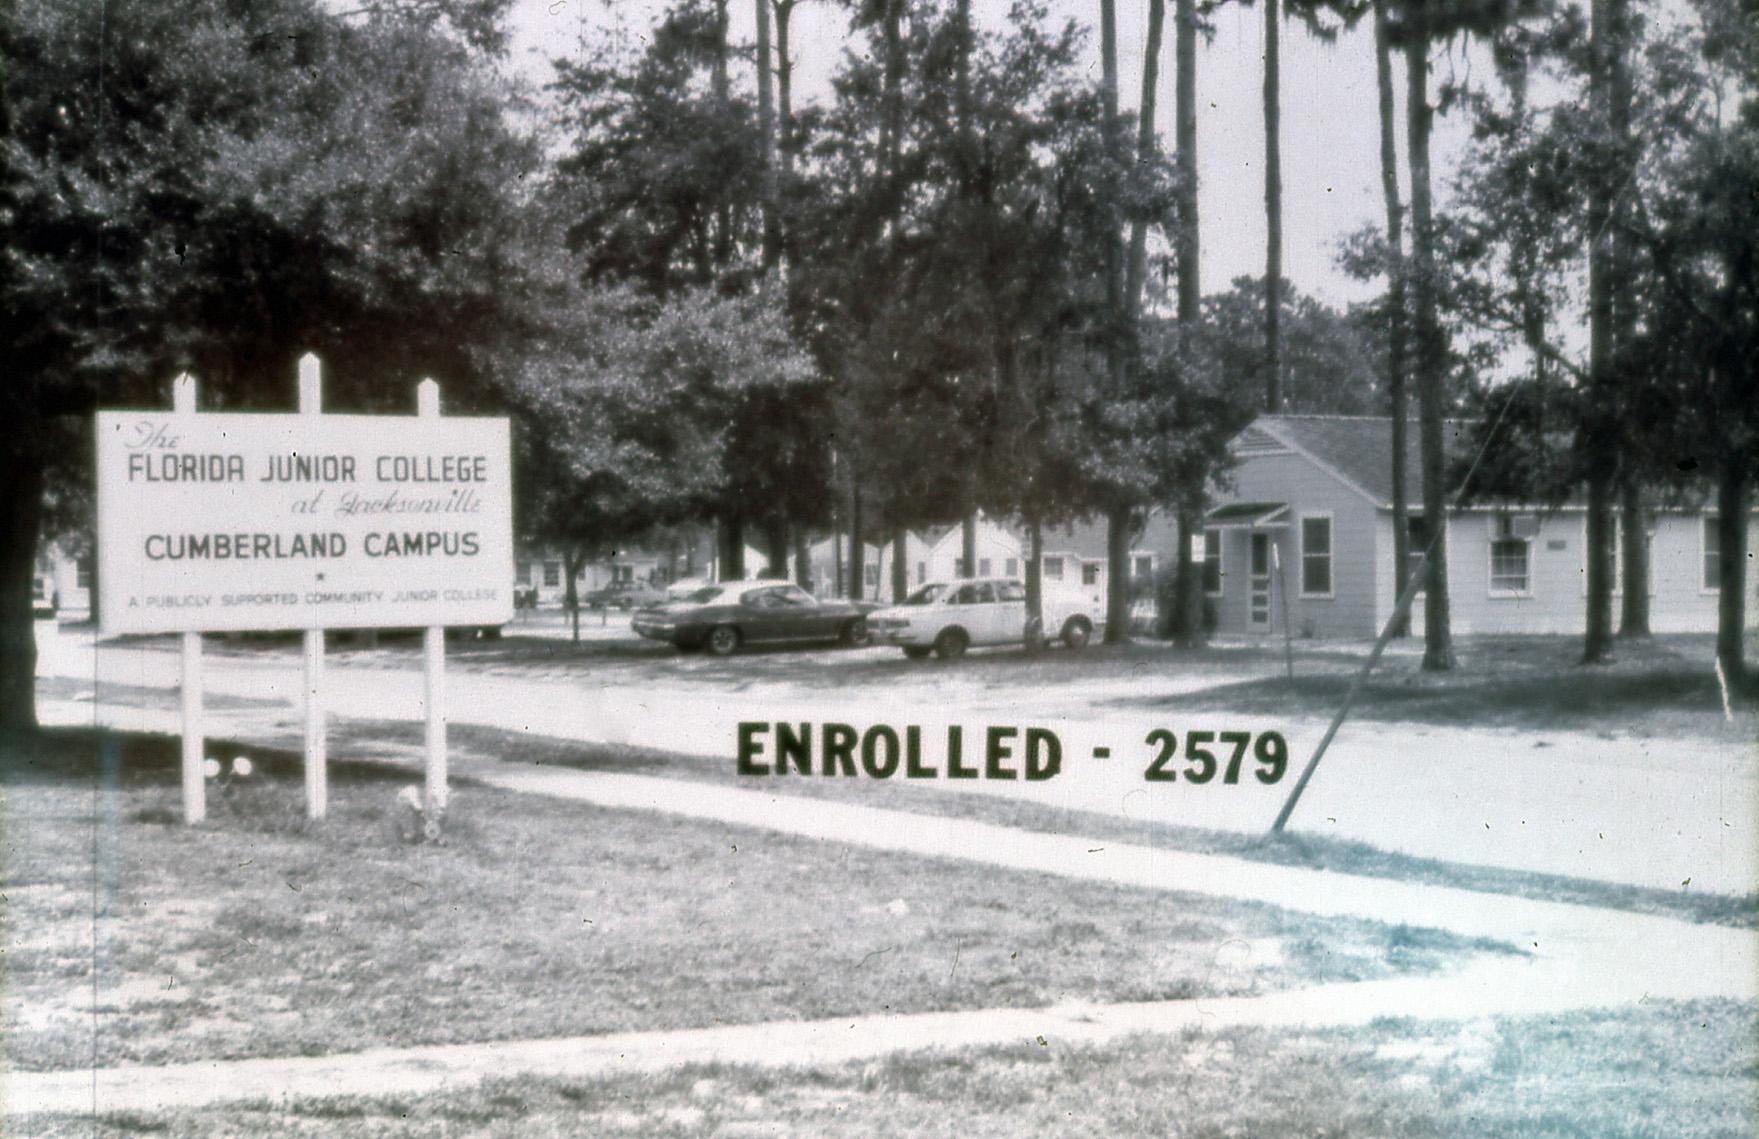 Cumberland Campus, Florida Junior College / Kent Campus ...